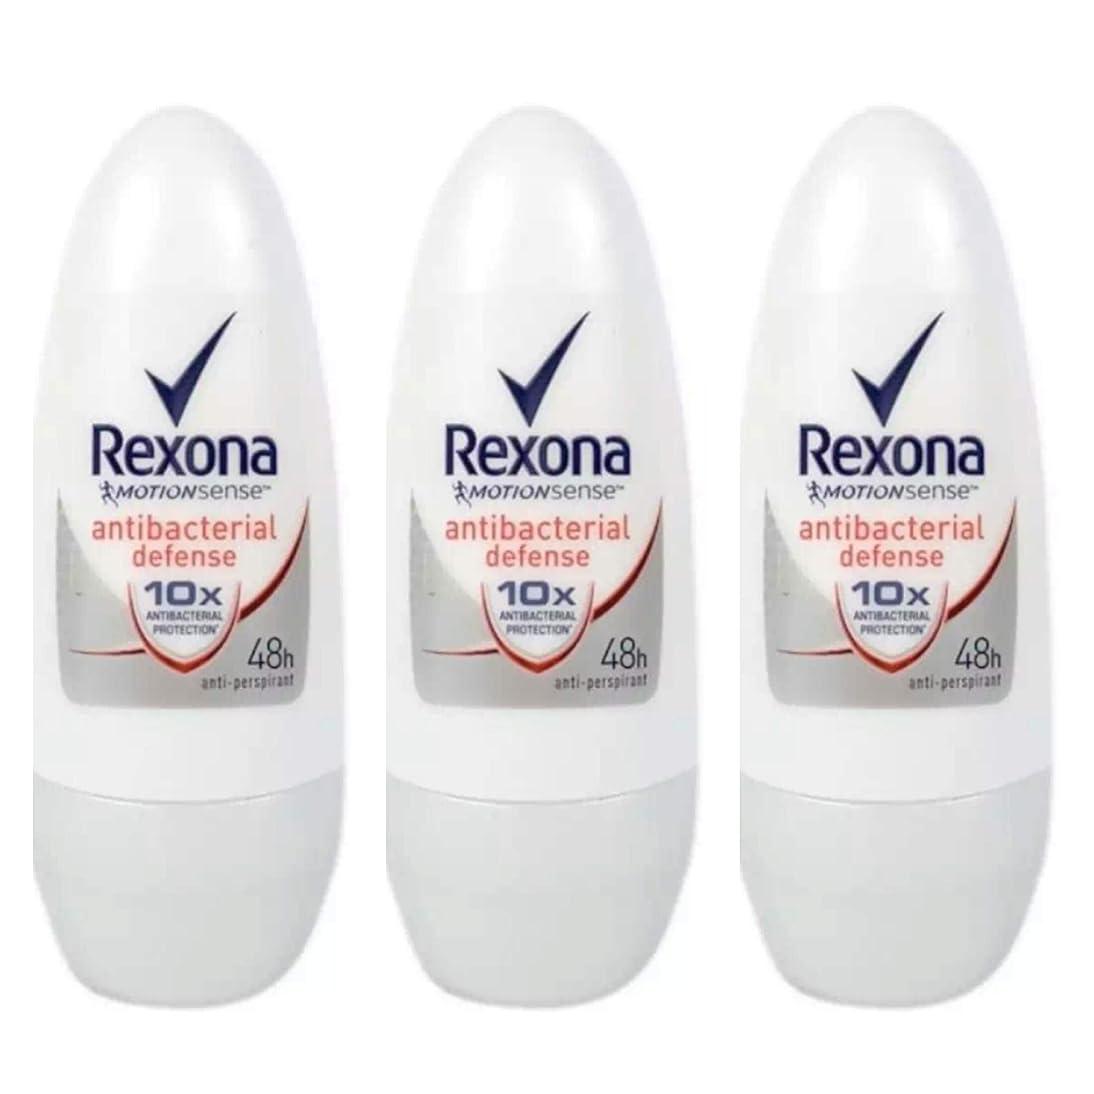 Rexona レクソナ 制汗 デオドラント ロールオン antibacterial defense アンチバクテリアル ディフェンス50ml 3個 [並行輸入品]